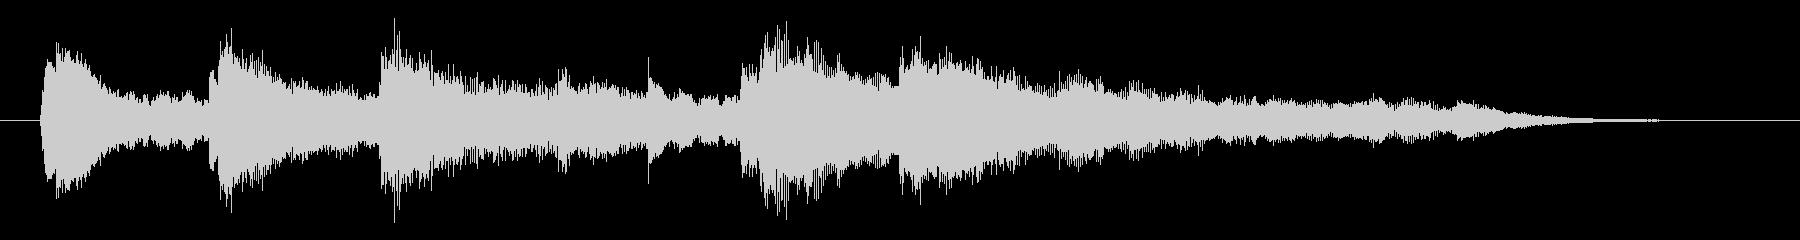 ピアノ&シンセでゲームオーバー音。の未再生の波形